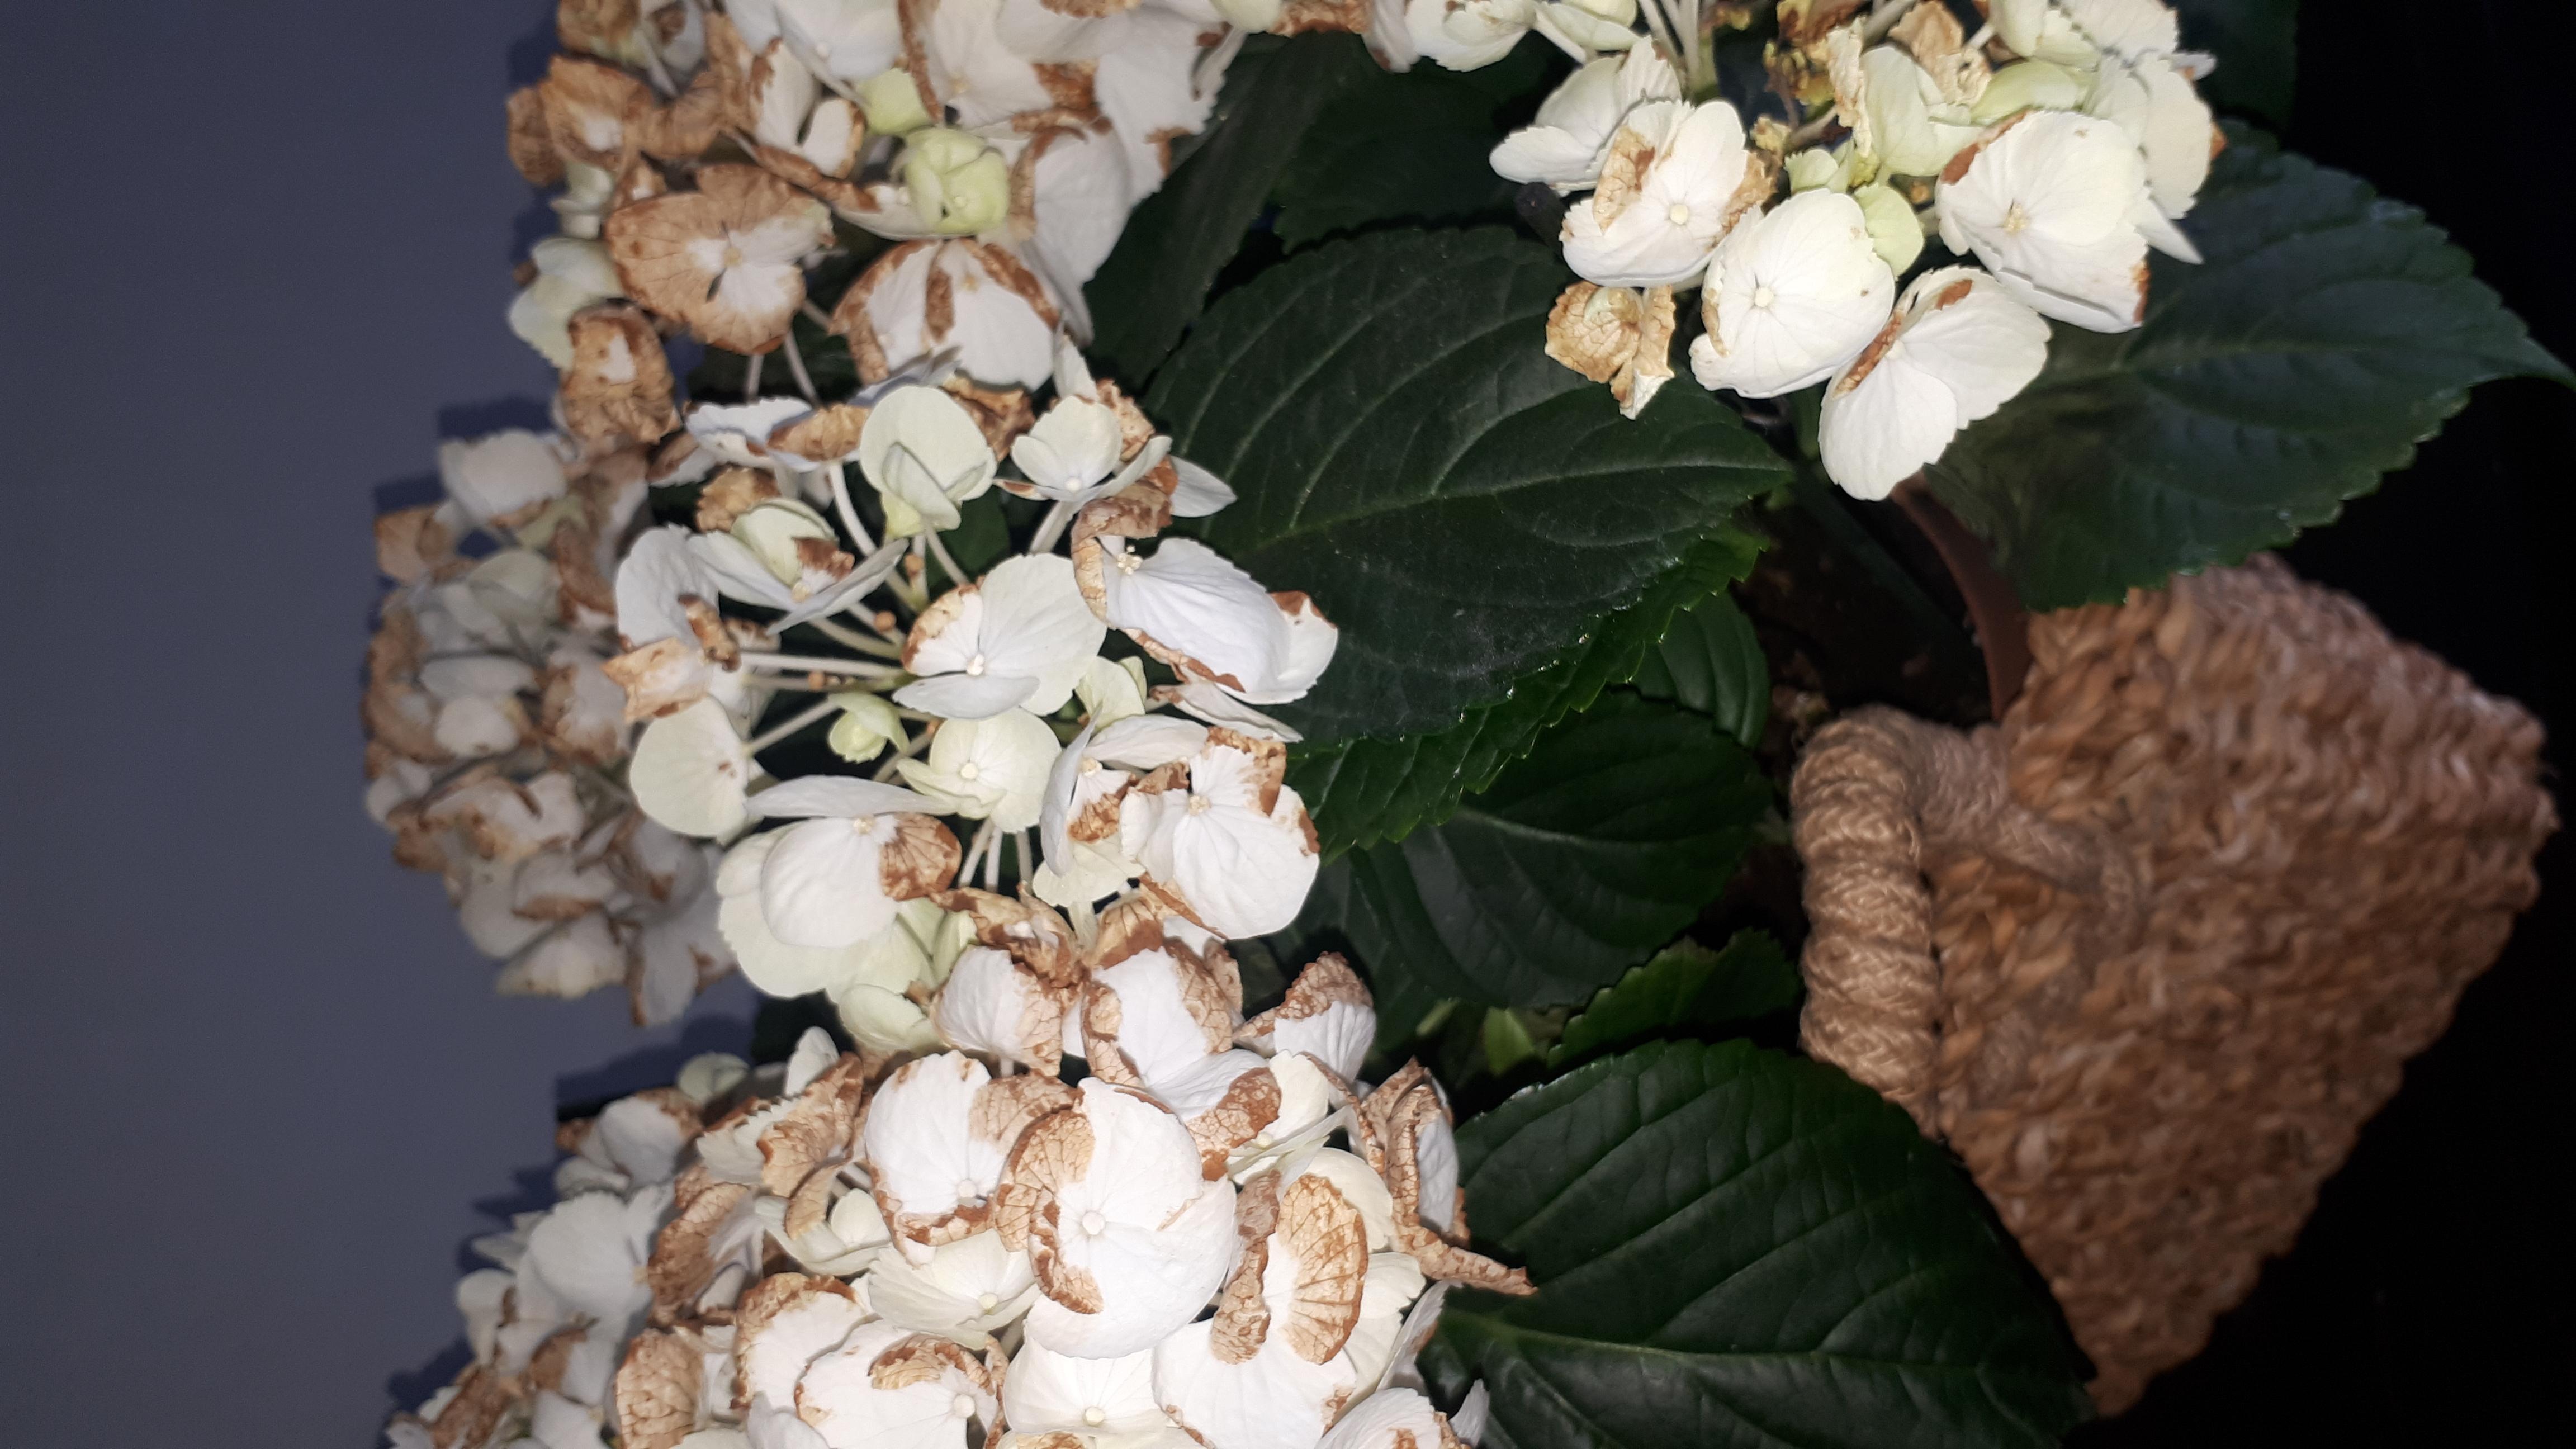 meine hortensie hat braune bl ten sollte ich sie abschneiden wenn ja wie pflanzen blumen